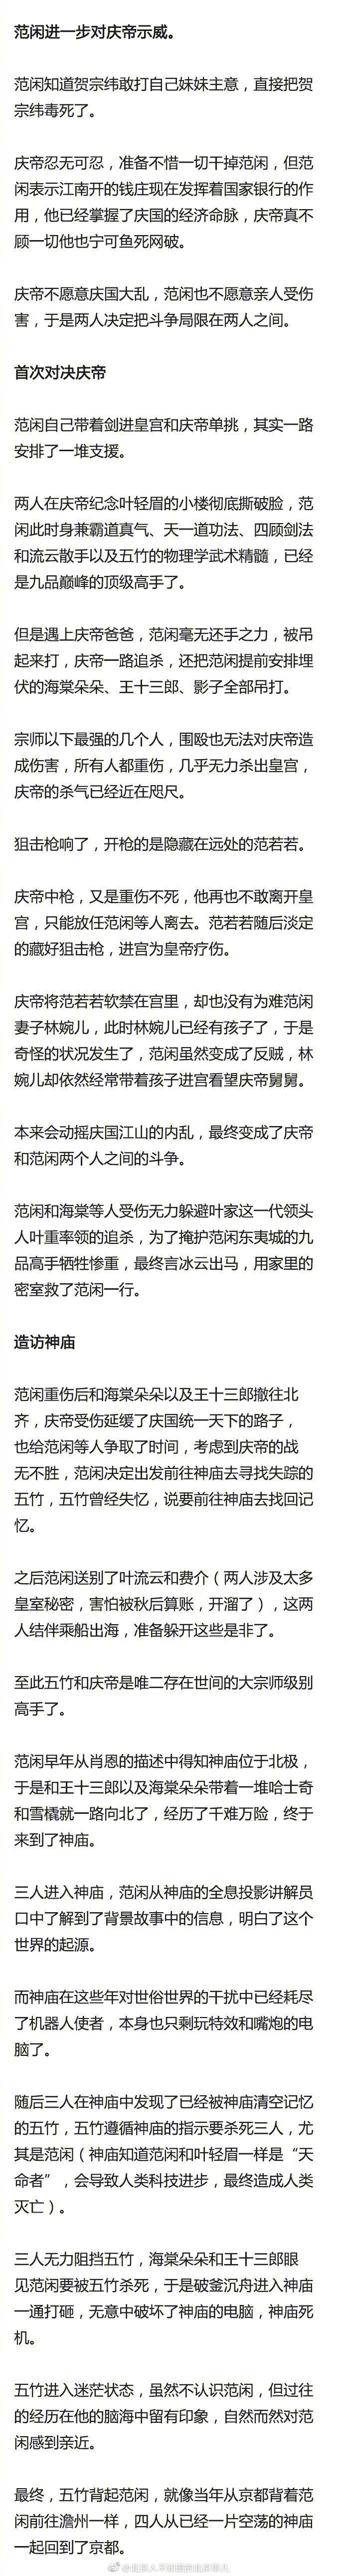 《庆余年》第二季剧本筹备中 剧透《庆余年》讲的是什么故事? liuliushe.net六六社 第11张